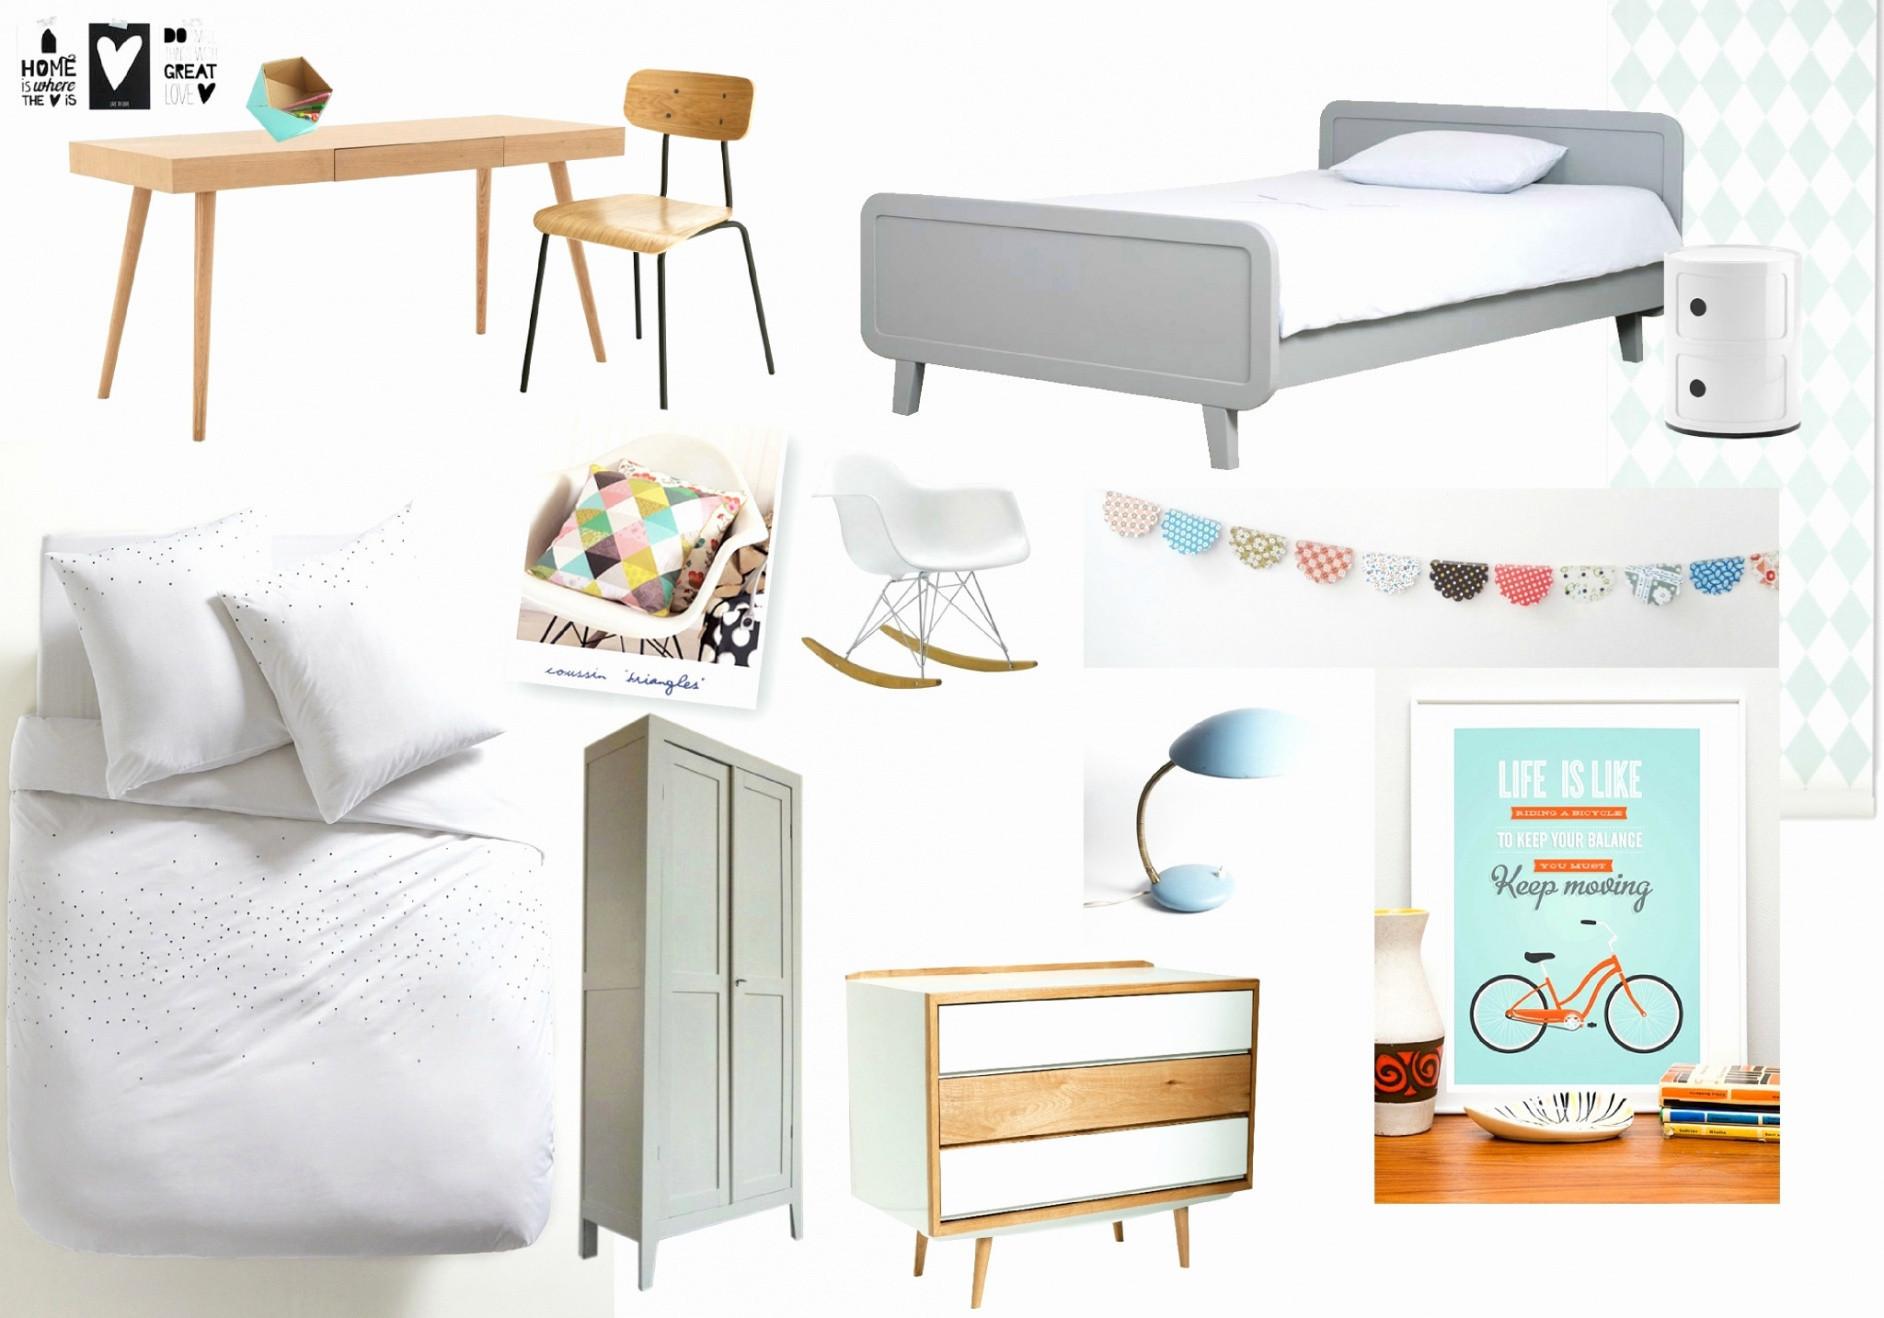 alinea meuble cuisine meuble bas cuisine conforama meuble tiroirs luxe conforama meuble of alinea meuble cuisine